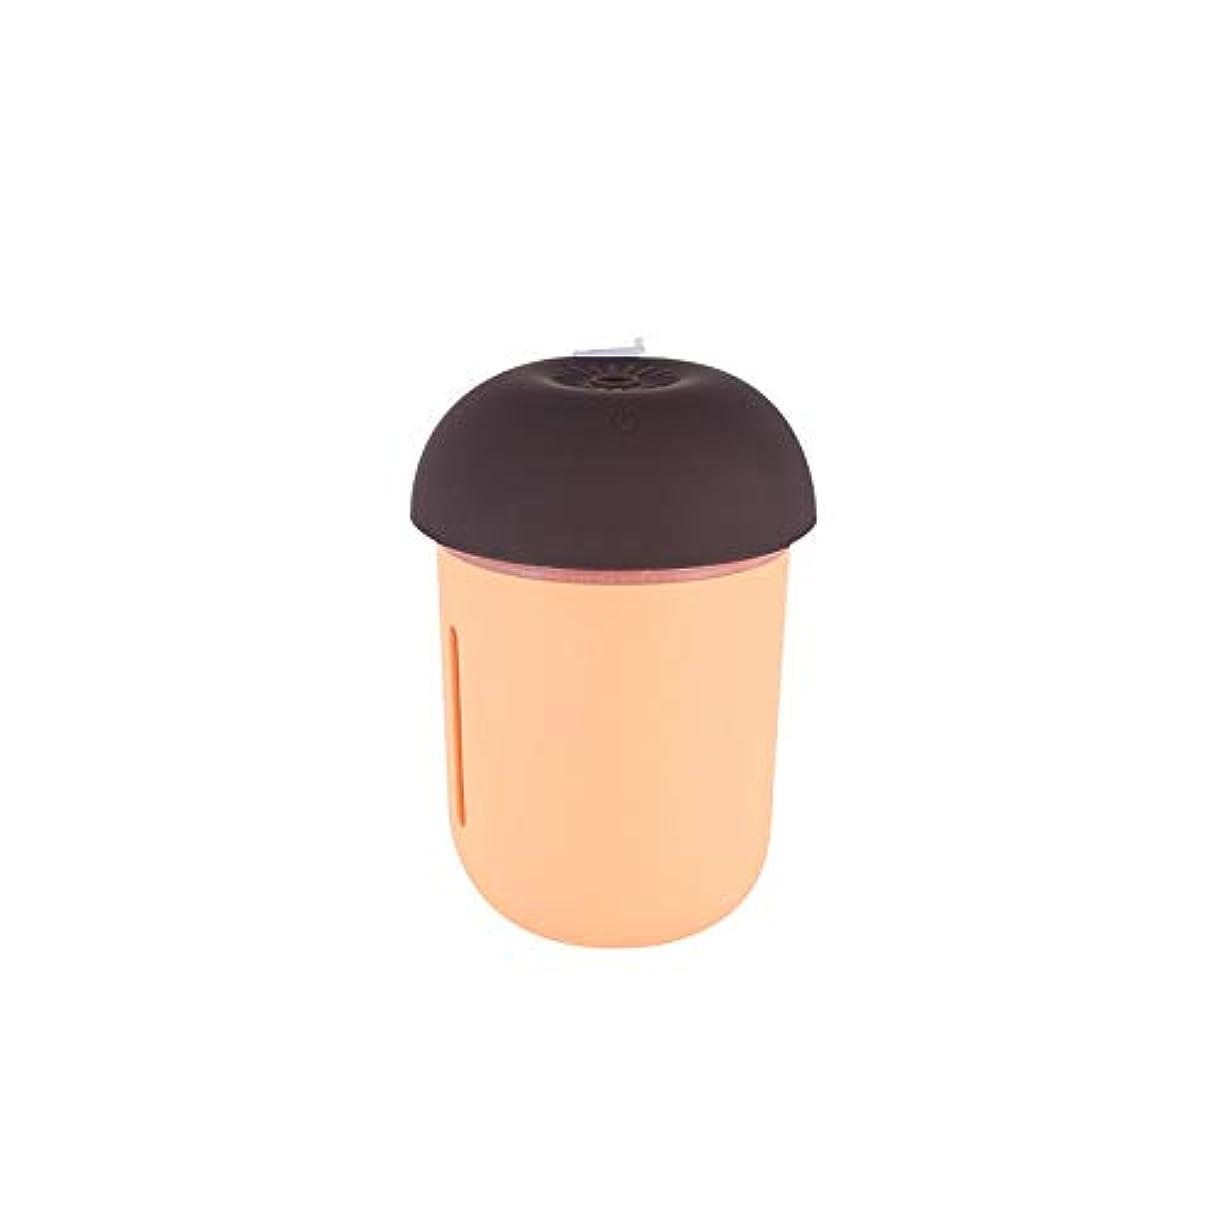 チャールズキージングロボット立派なZXF 新しいクリエイティブusb充電車の空気清浄機多機能水道メーターファンナイトライトスリーインワンきのこ加湿器オレンジピンク 滑らかである (色 : Orange)